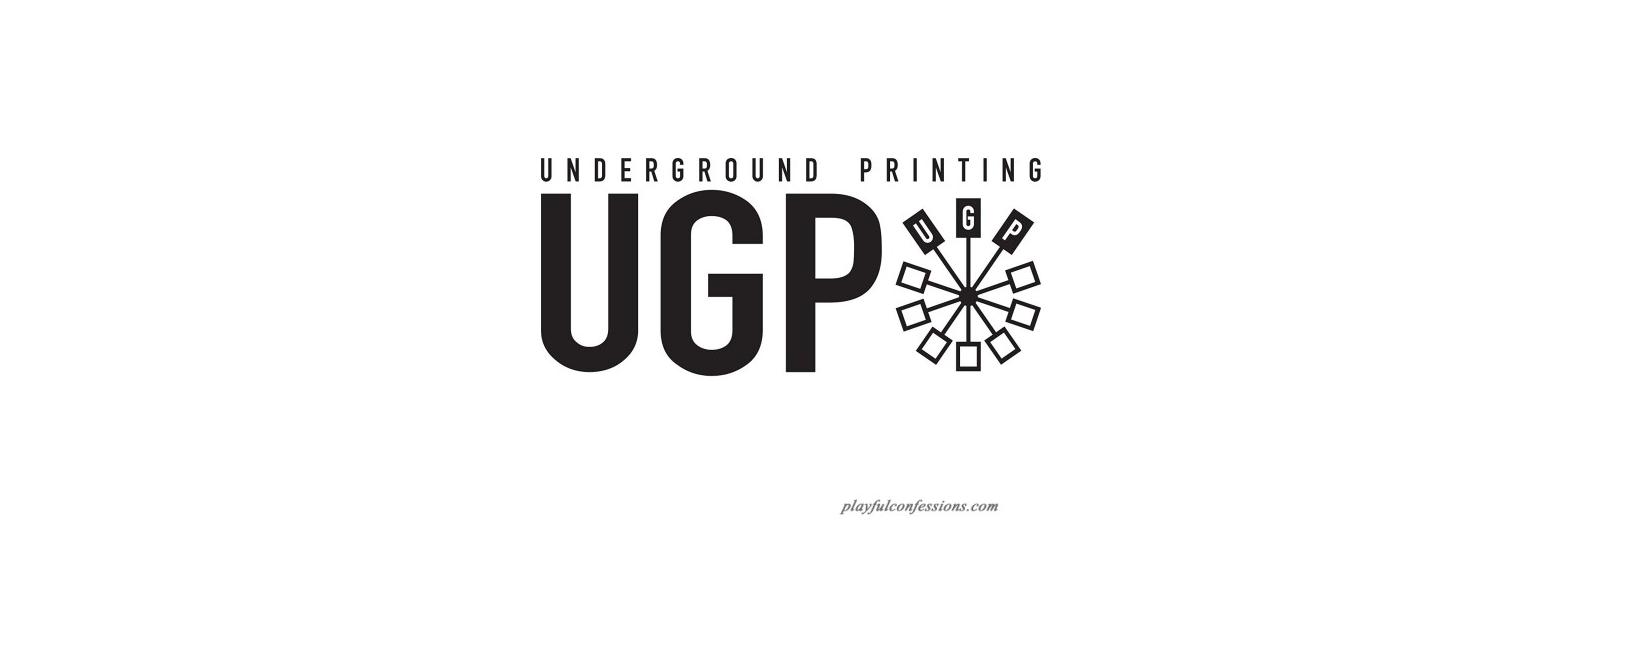 UGP Campus Apparel Discount Code 2021